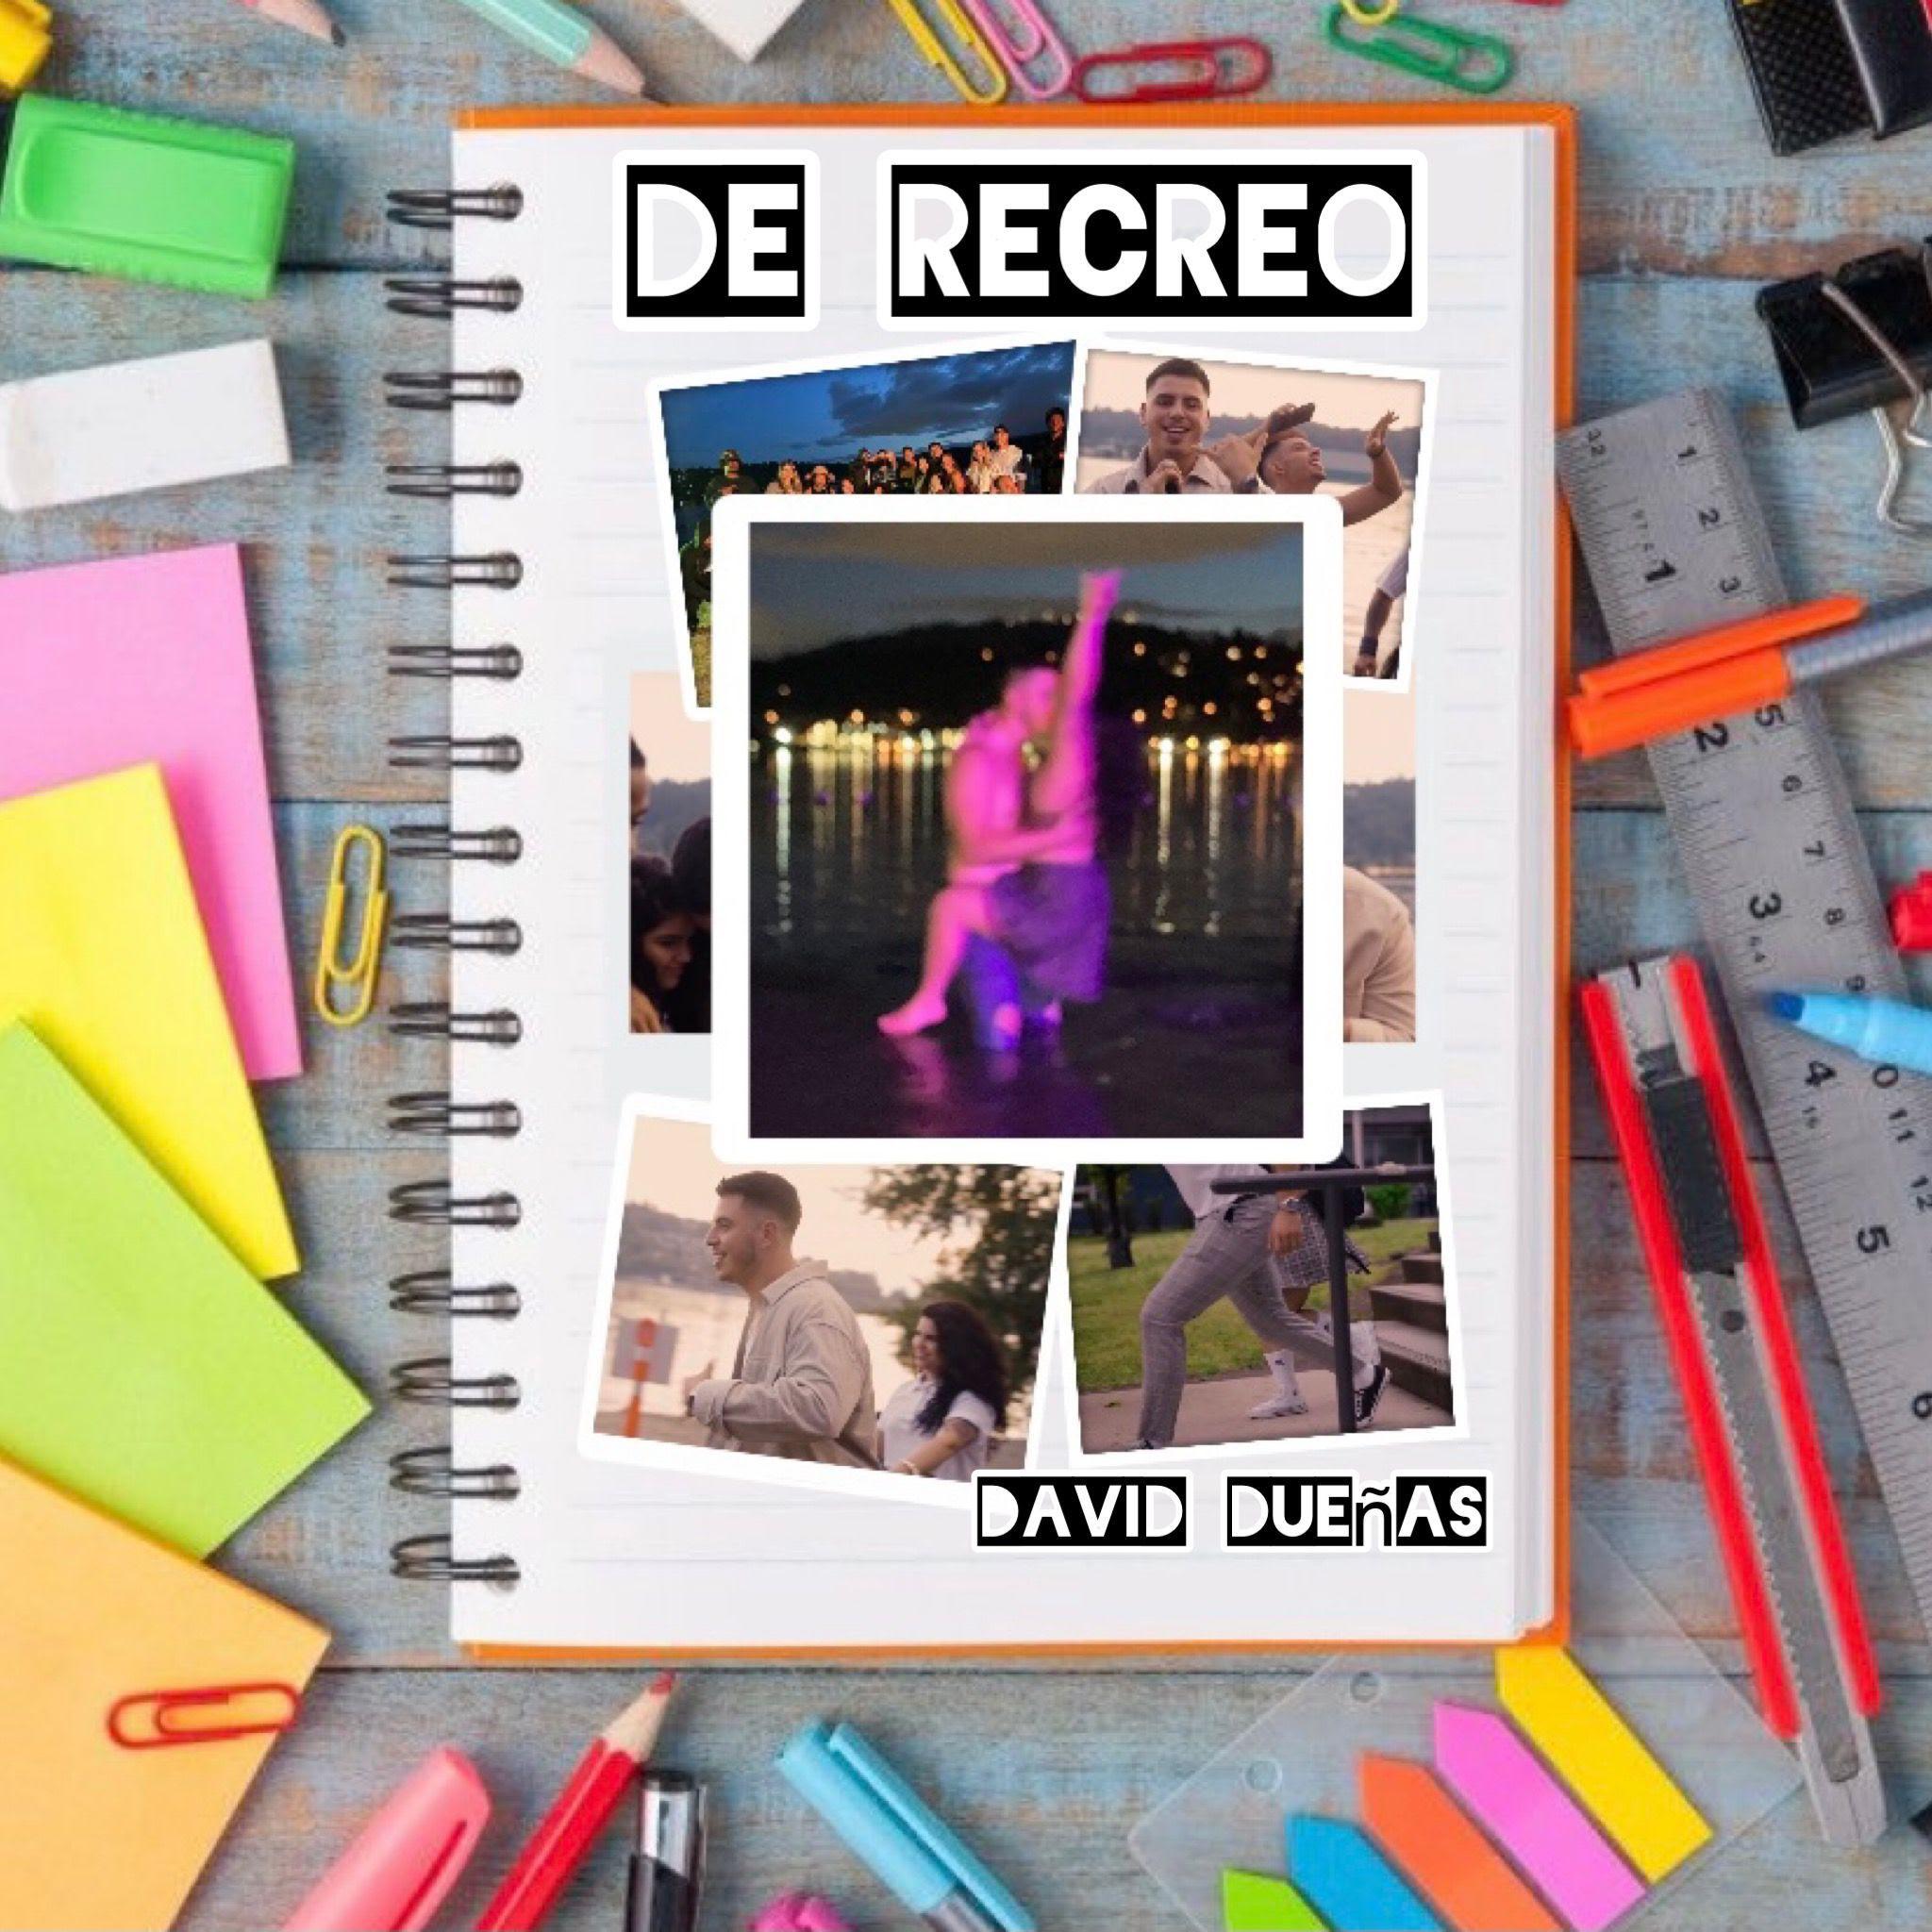 David Dueñas recuerda las locuras de su juventud en 'De recreo' – @DavidDuenas97